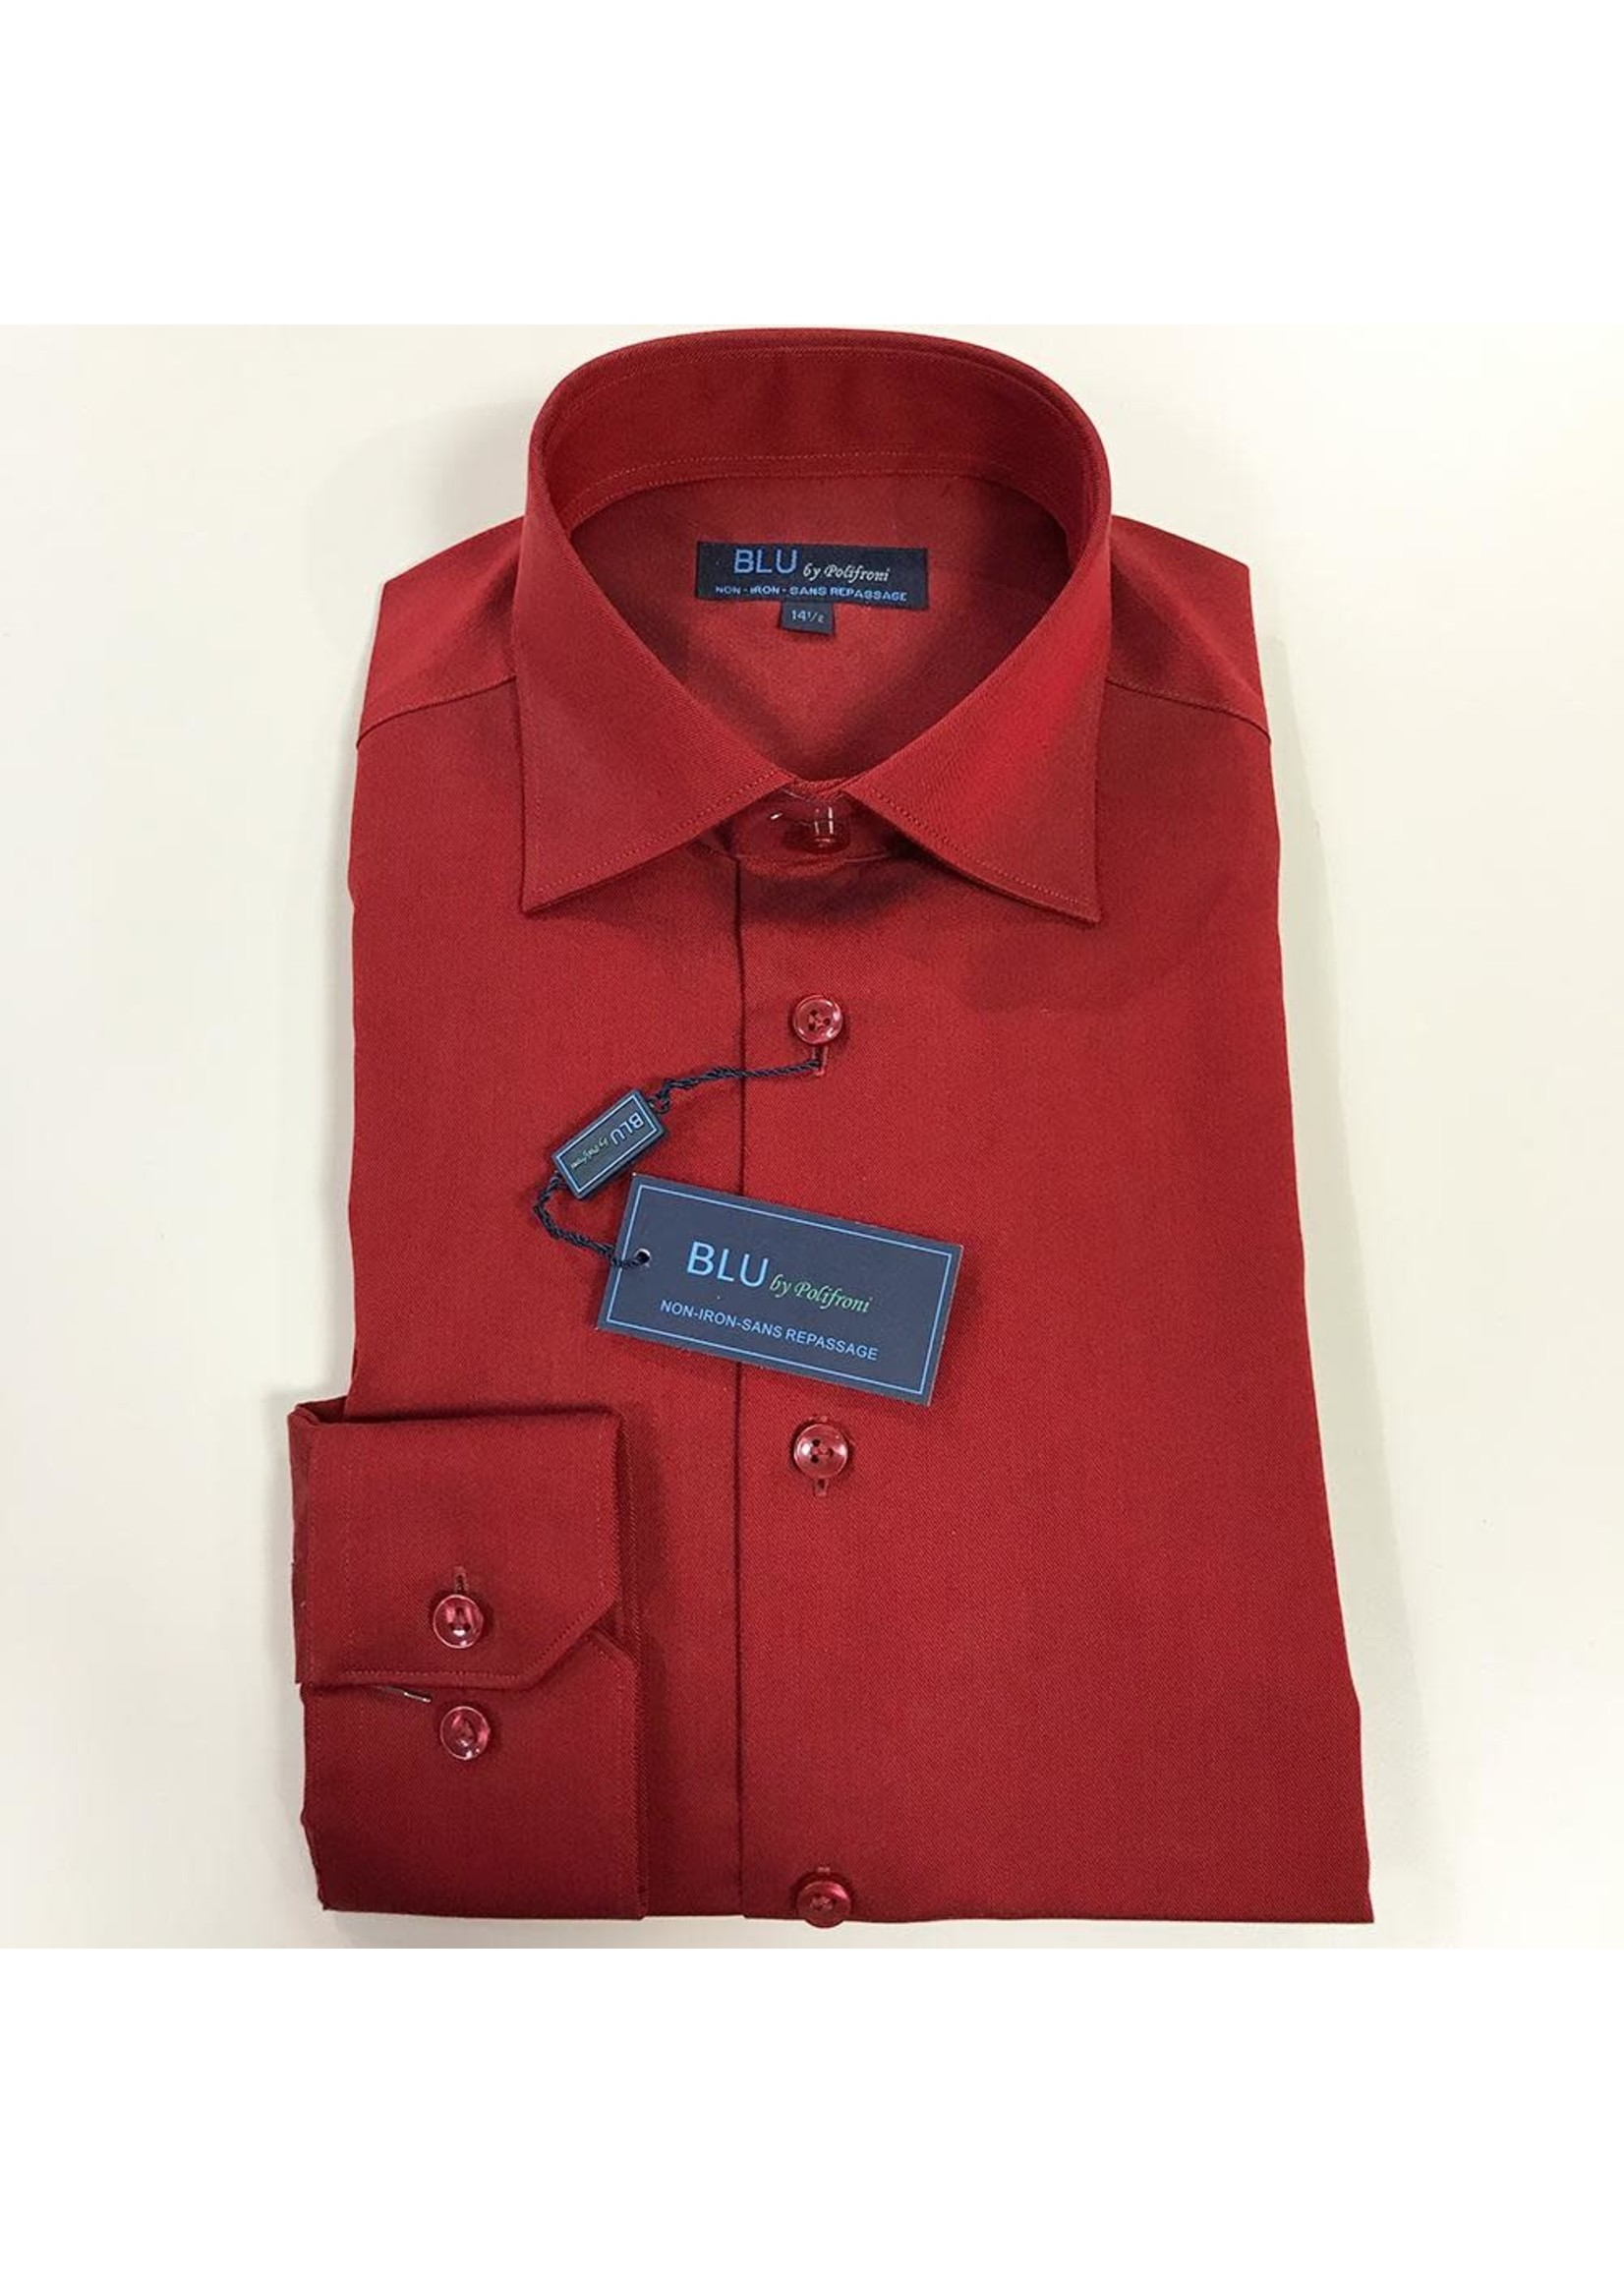 Polifroni Milano BLU by Polifroni Non-Iron Dress Shirt (Modern Fit)